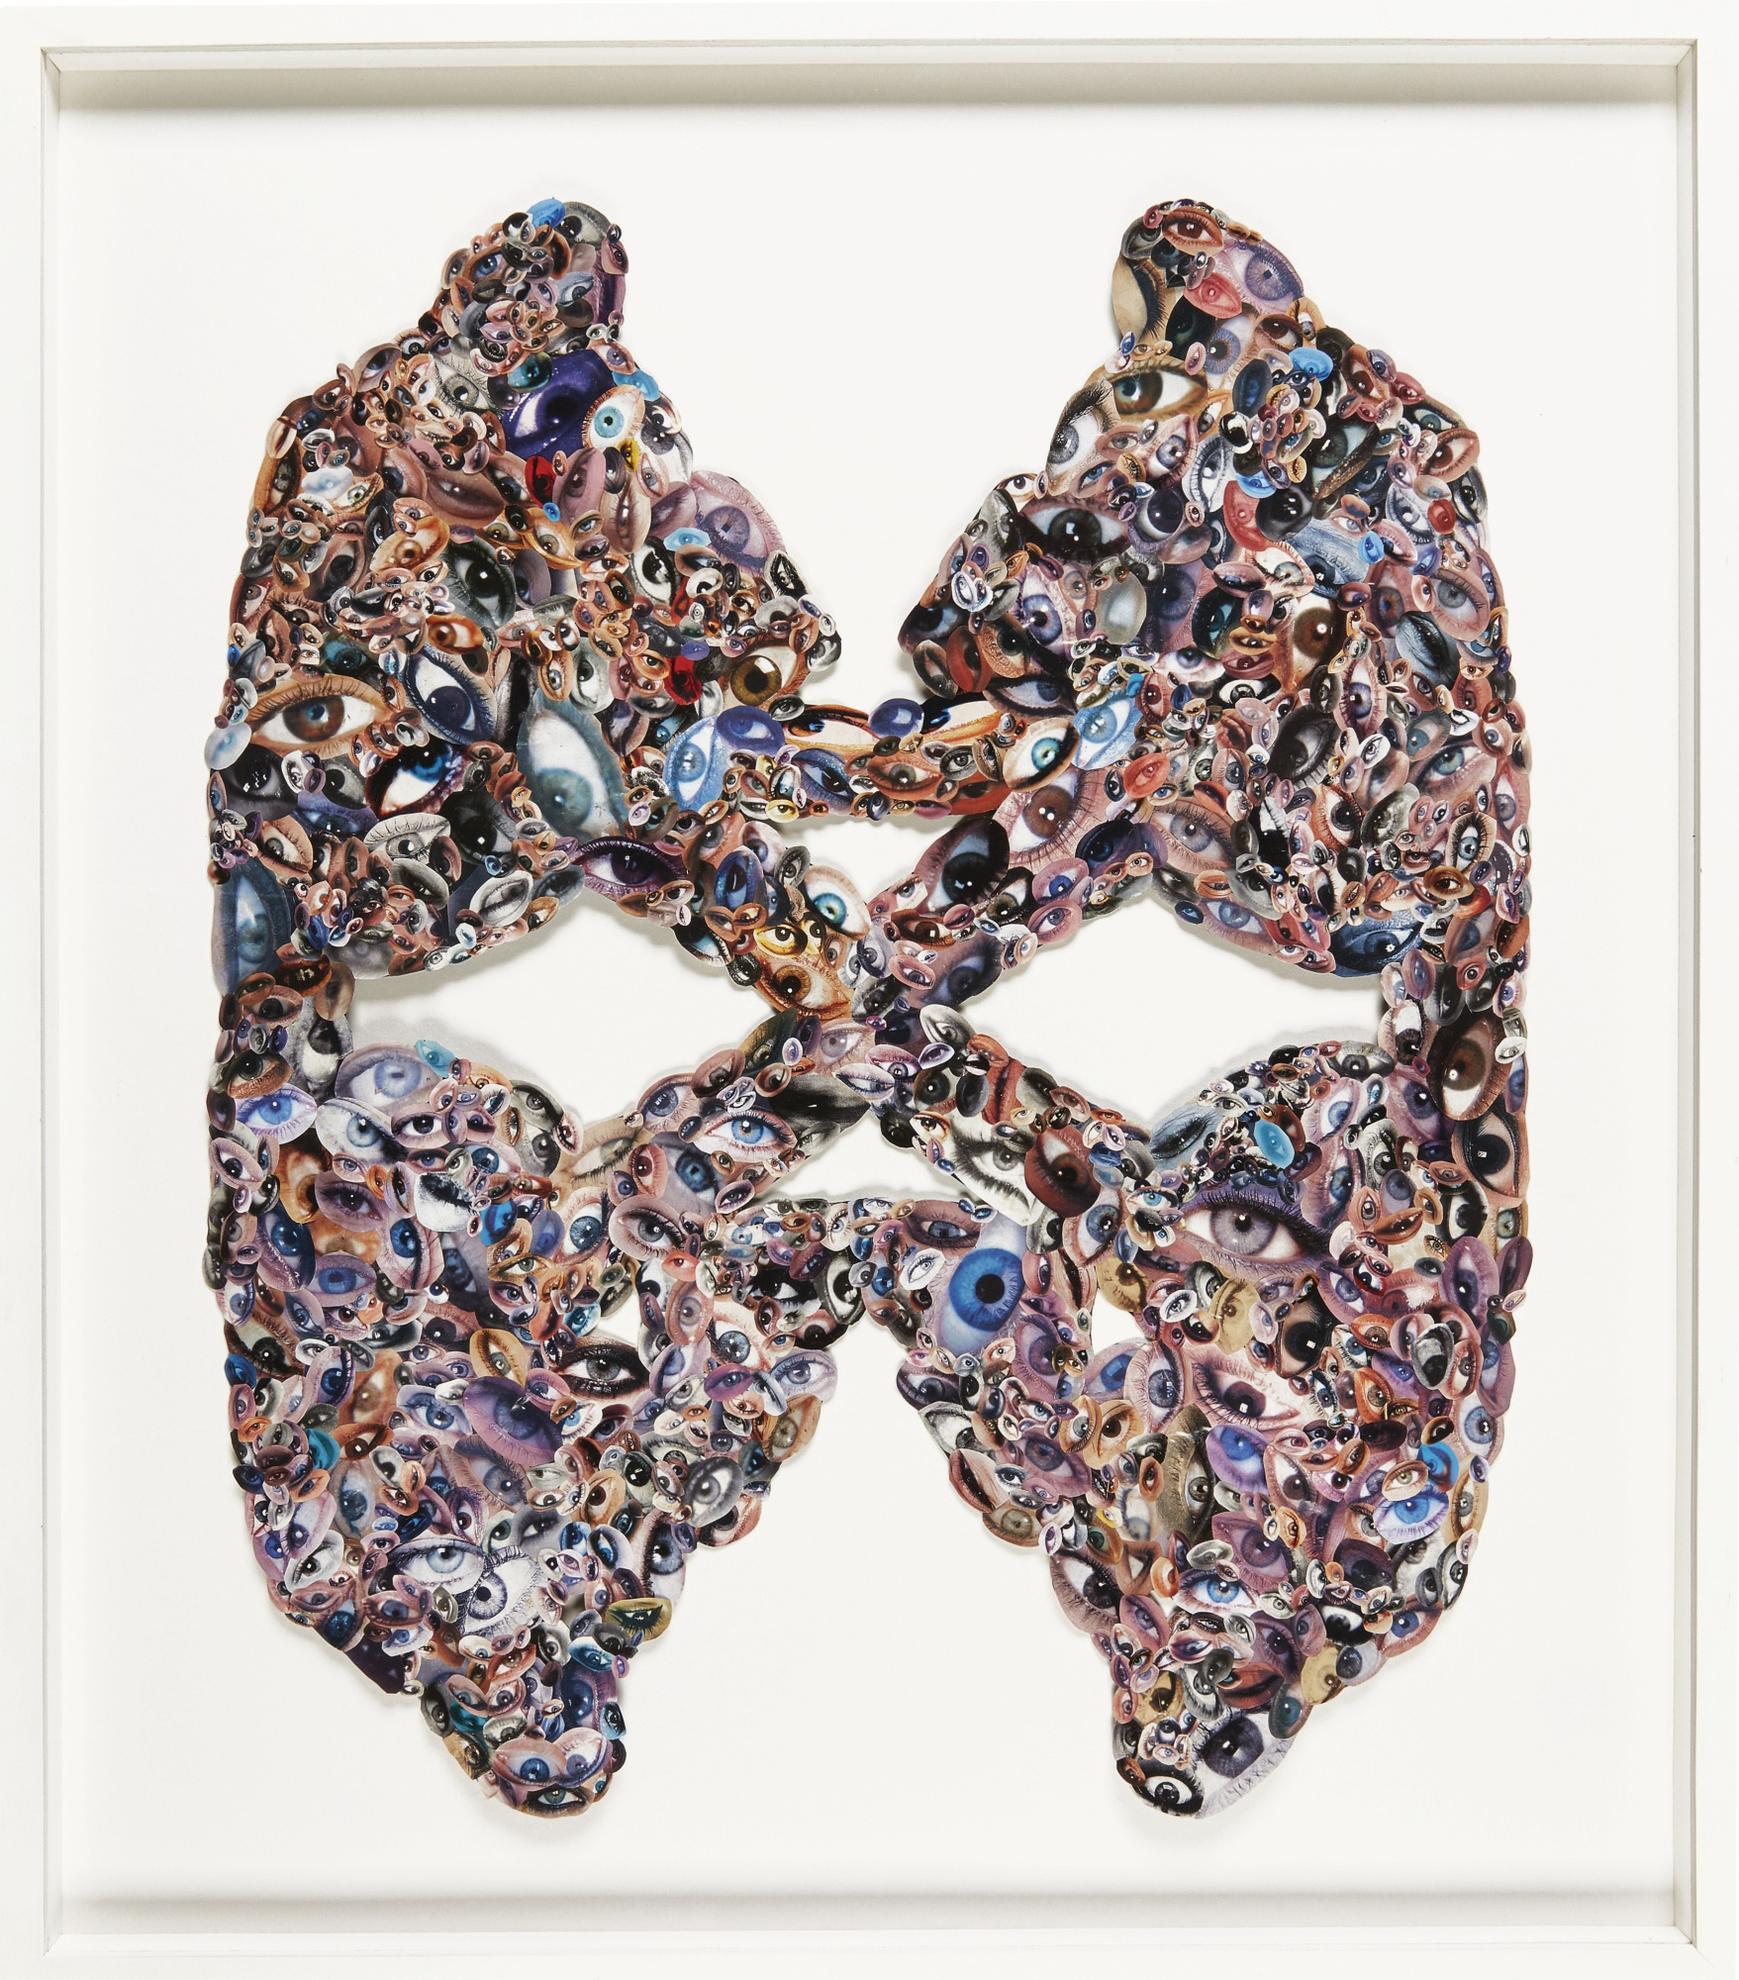 Jim Lambie-Weird Mask-2000